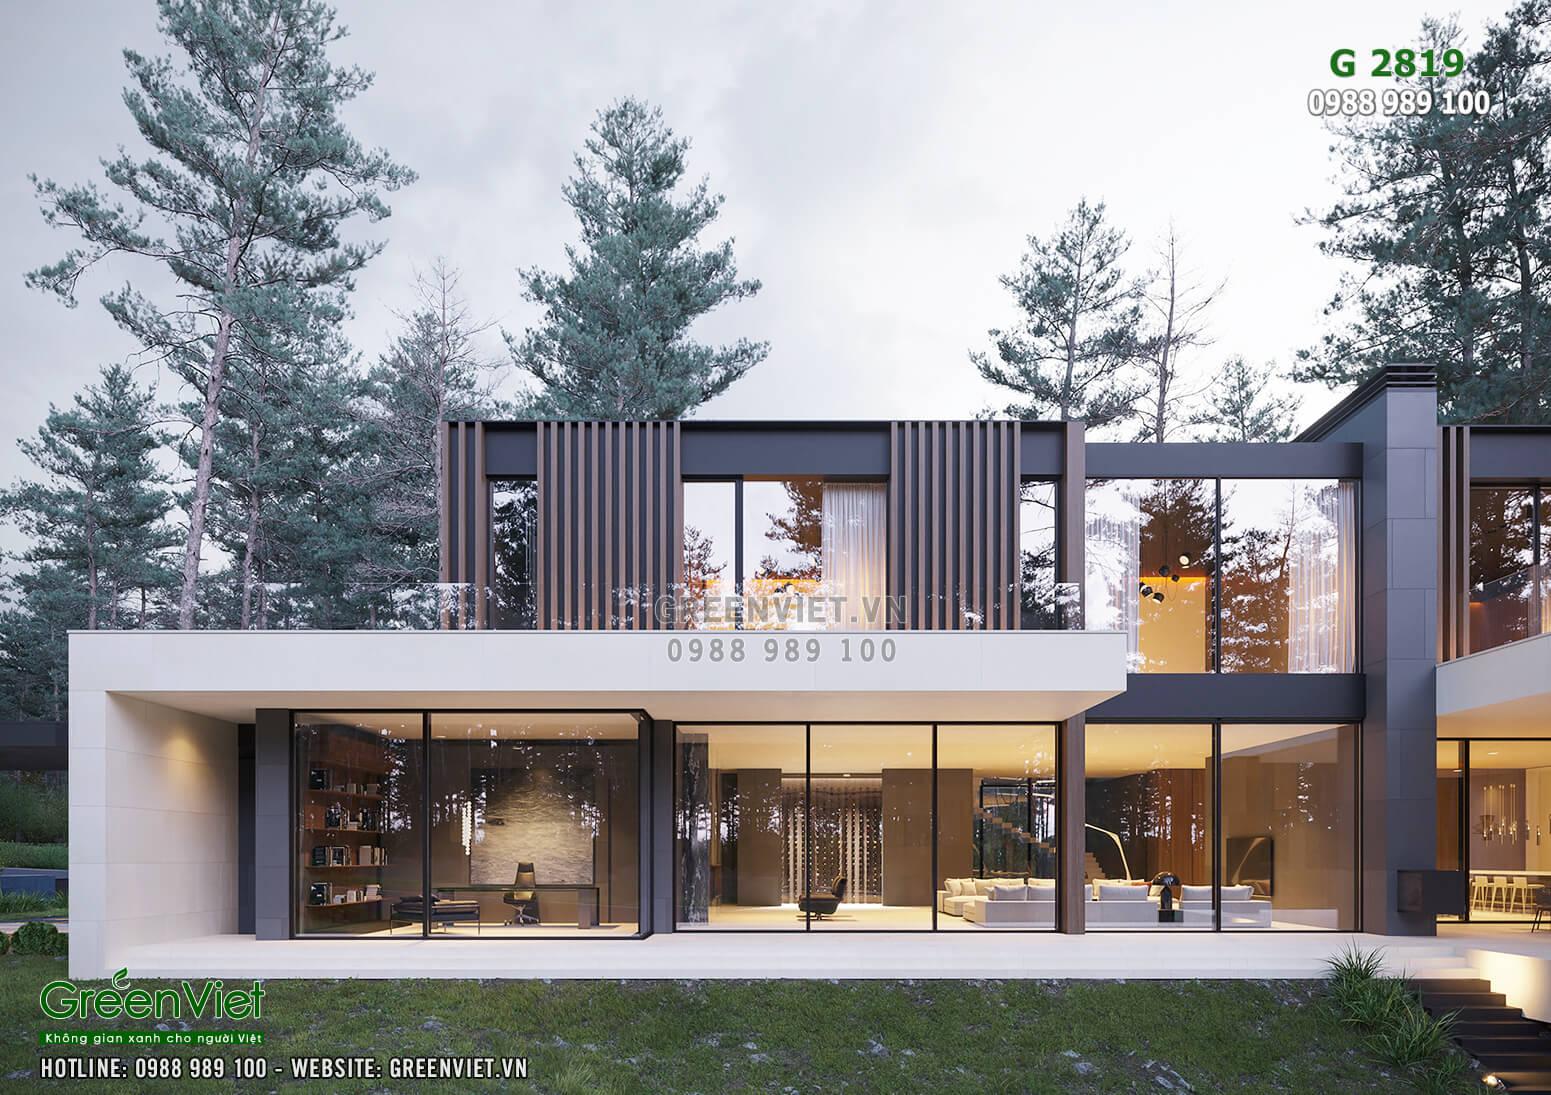 Hình ảnh: Không gian kiến trúc của căn Villa 2 tầng hiện đại, sang trọng, xanh mát